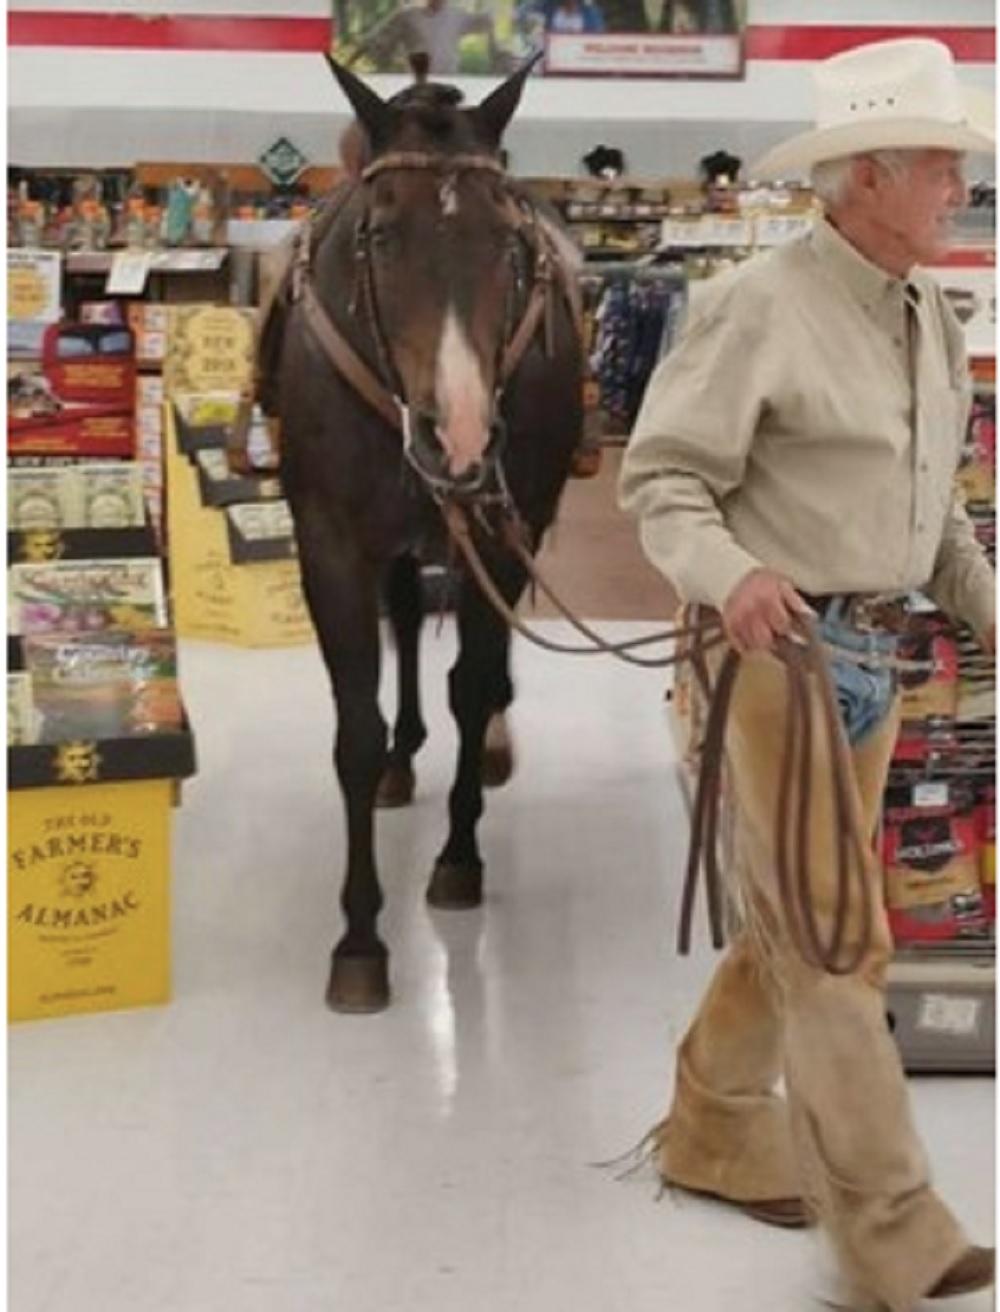 「牛仔大叔」拖著愛駒在冷氣開放的商舖逛一圈。(網圖)